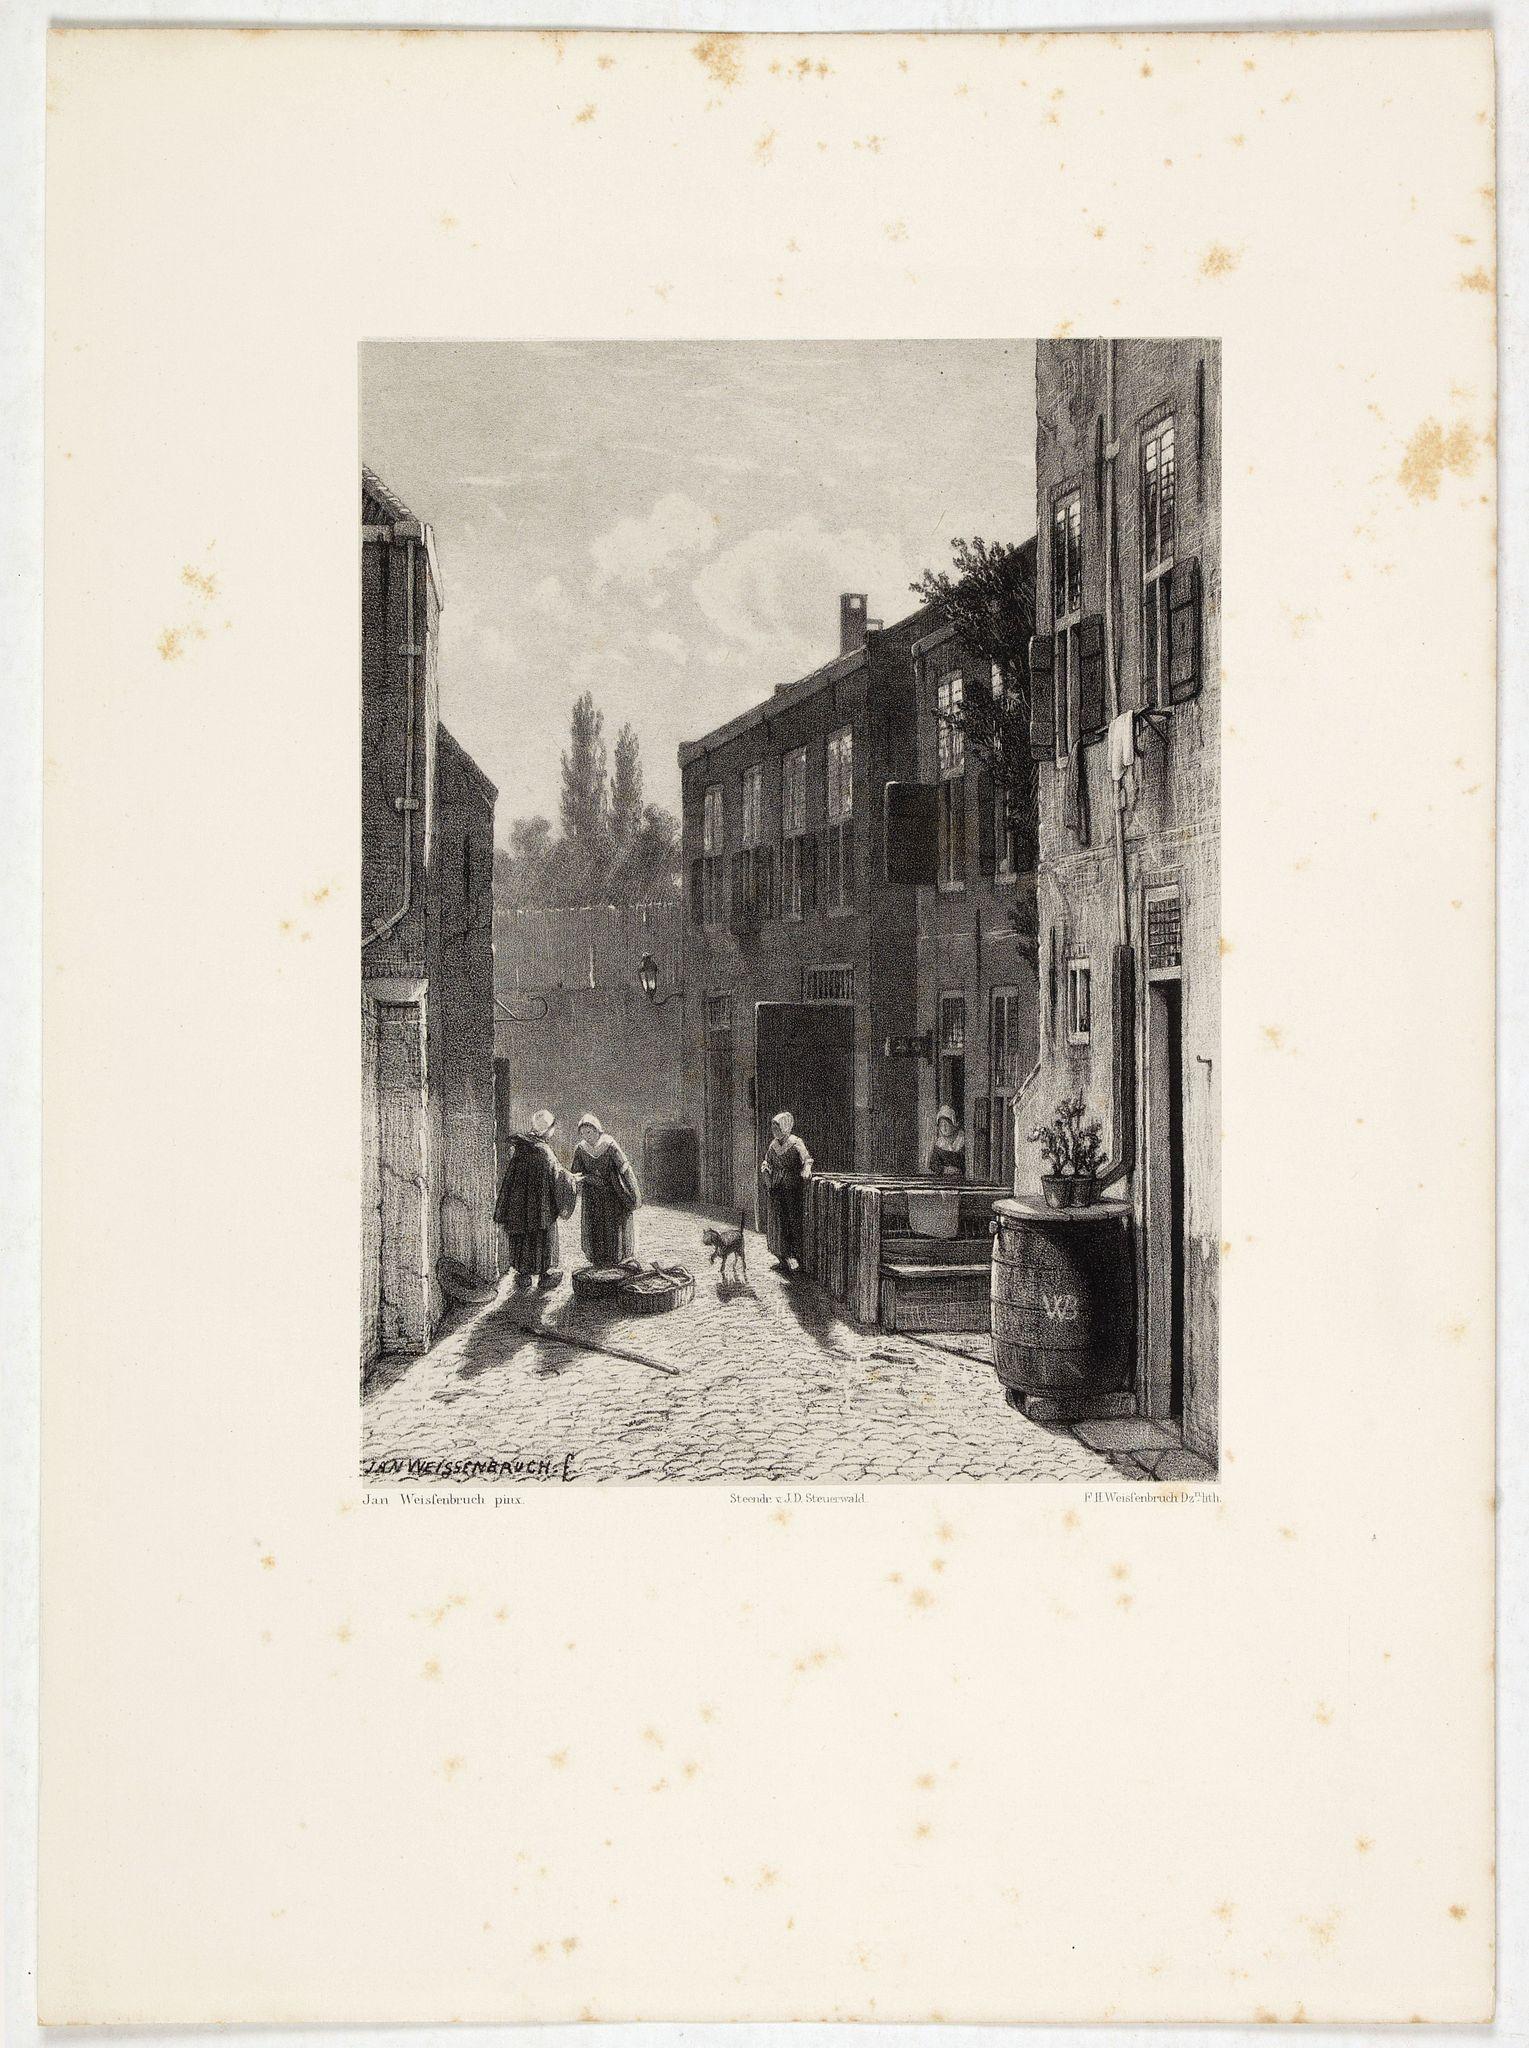 WEISSENBRUCH, J. -  Dutch street scene.